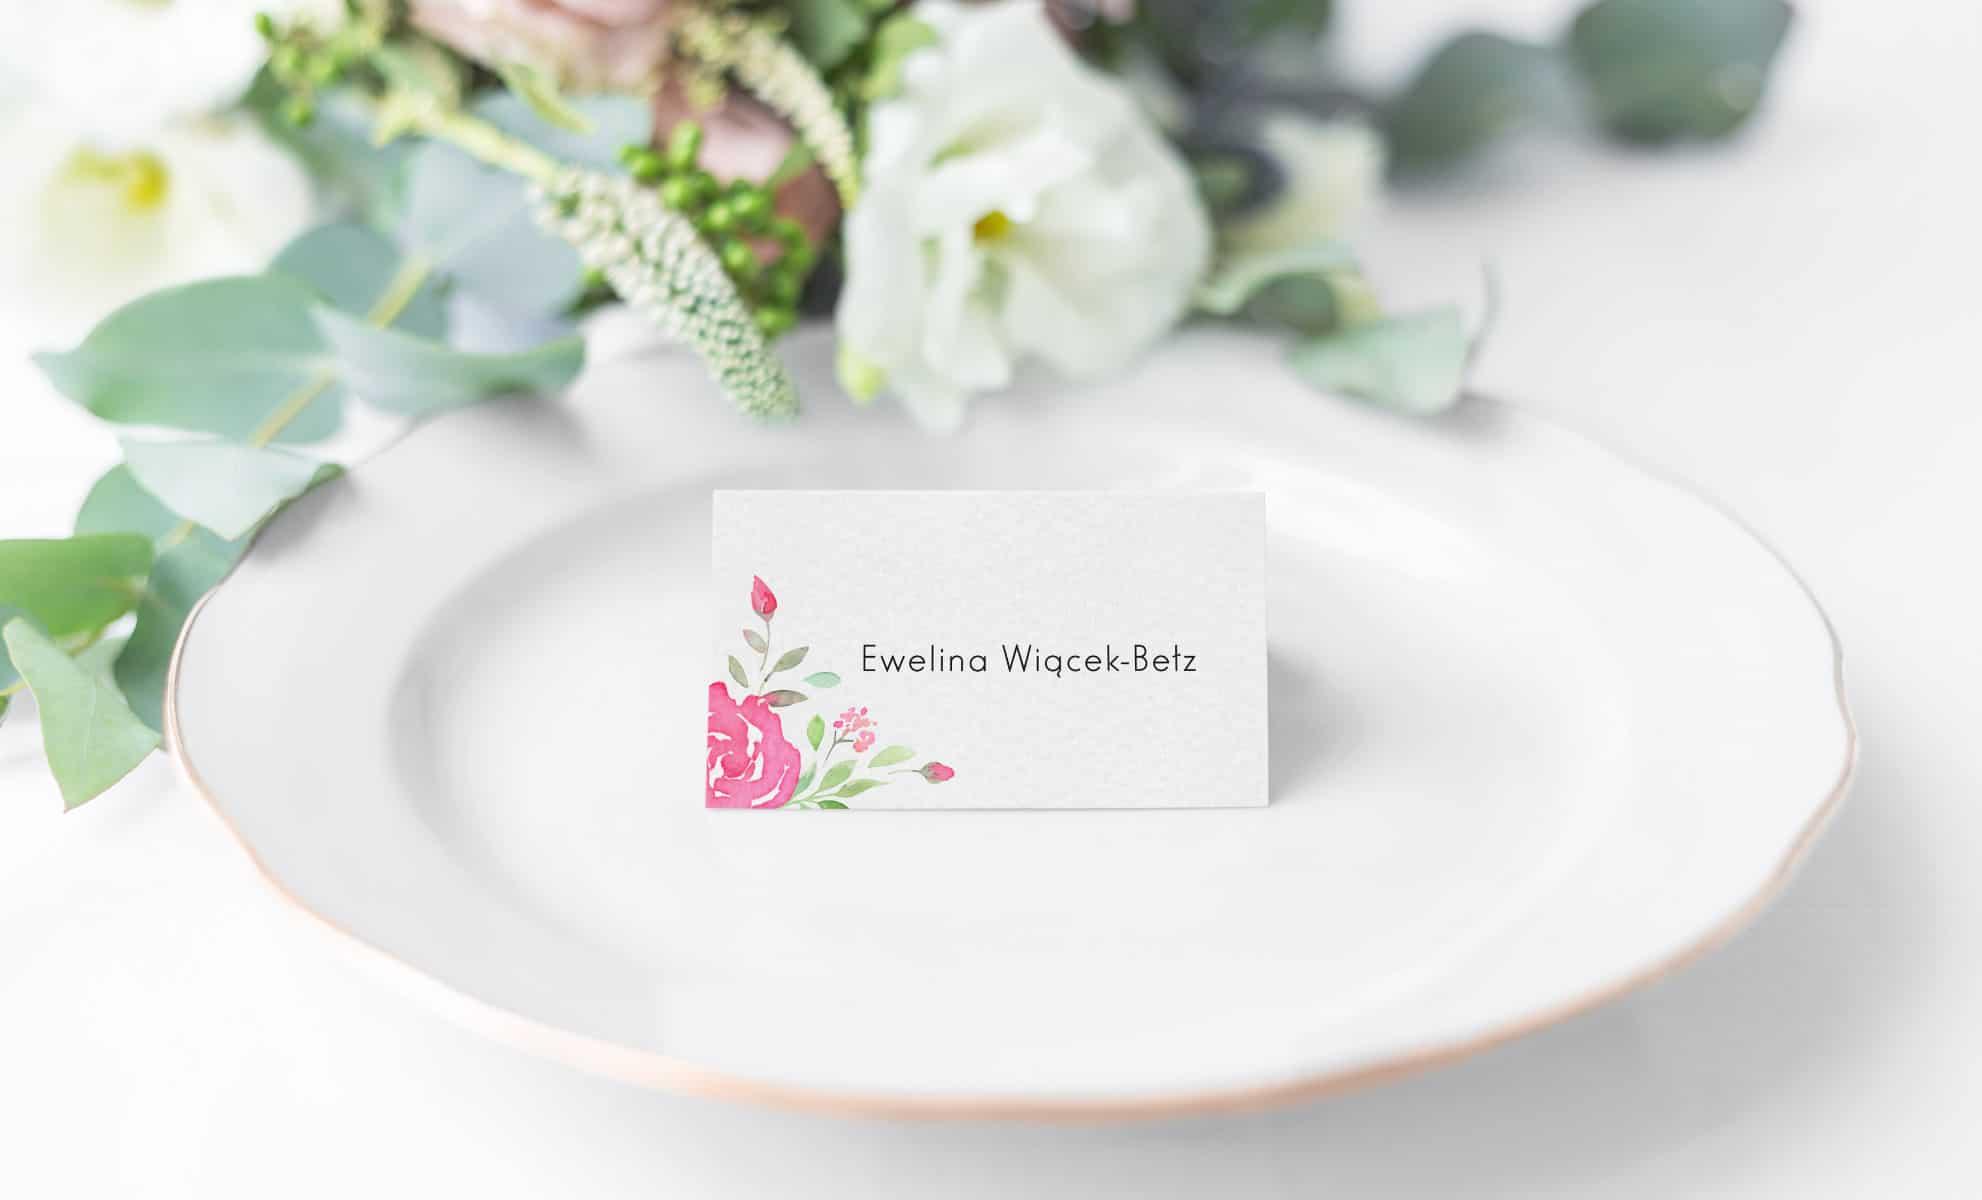 Winietki na stoły weselne z różami